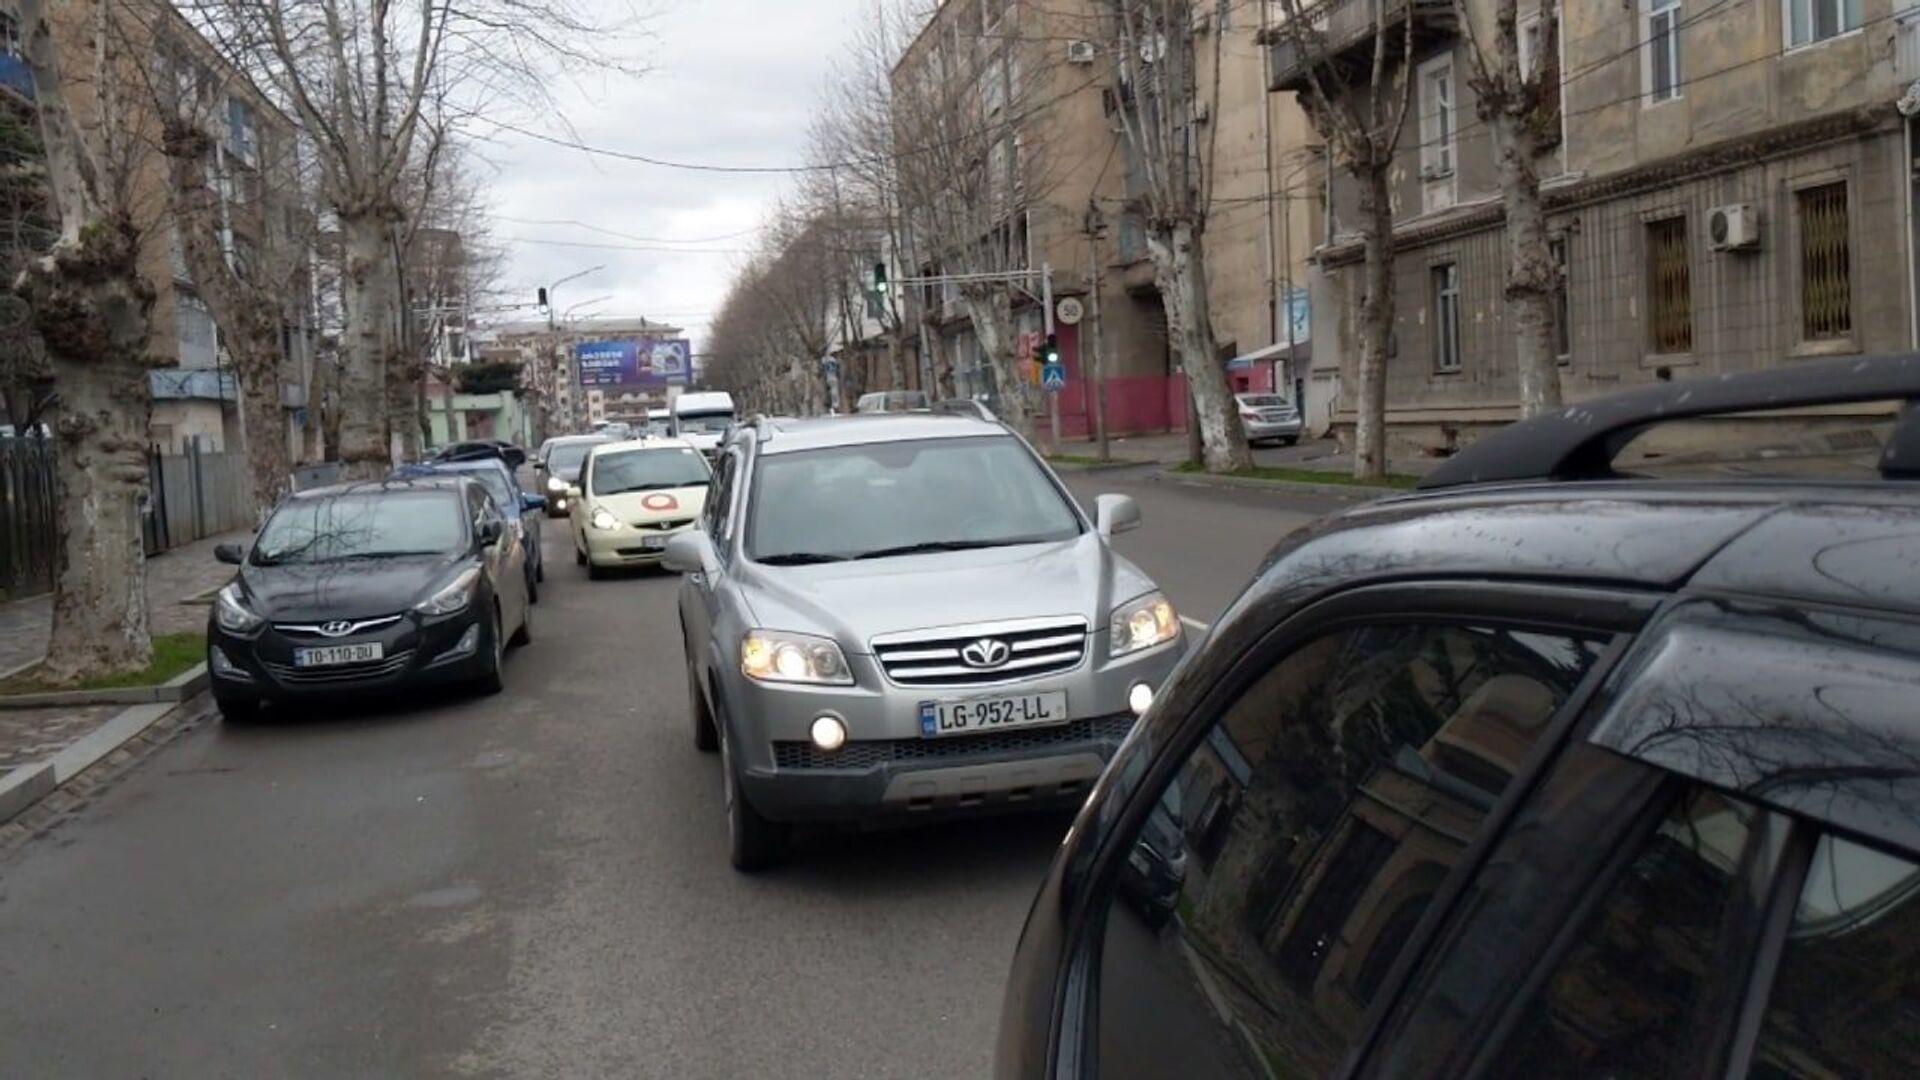 Автомобилисты Грузии протестуют против повышения цен на топливо - Sputnik Грузия, 1920, 21.03.2021